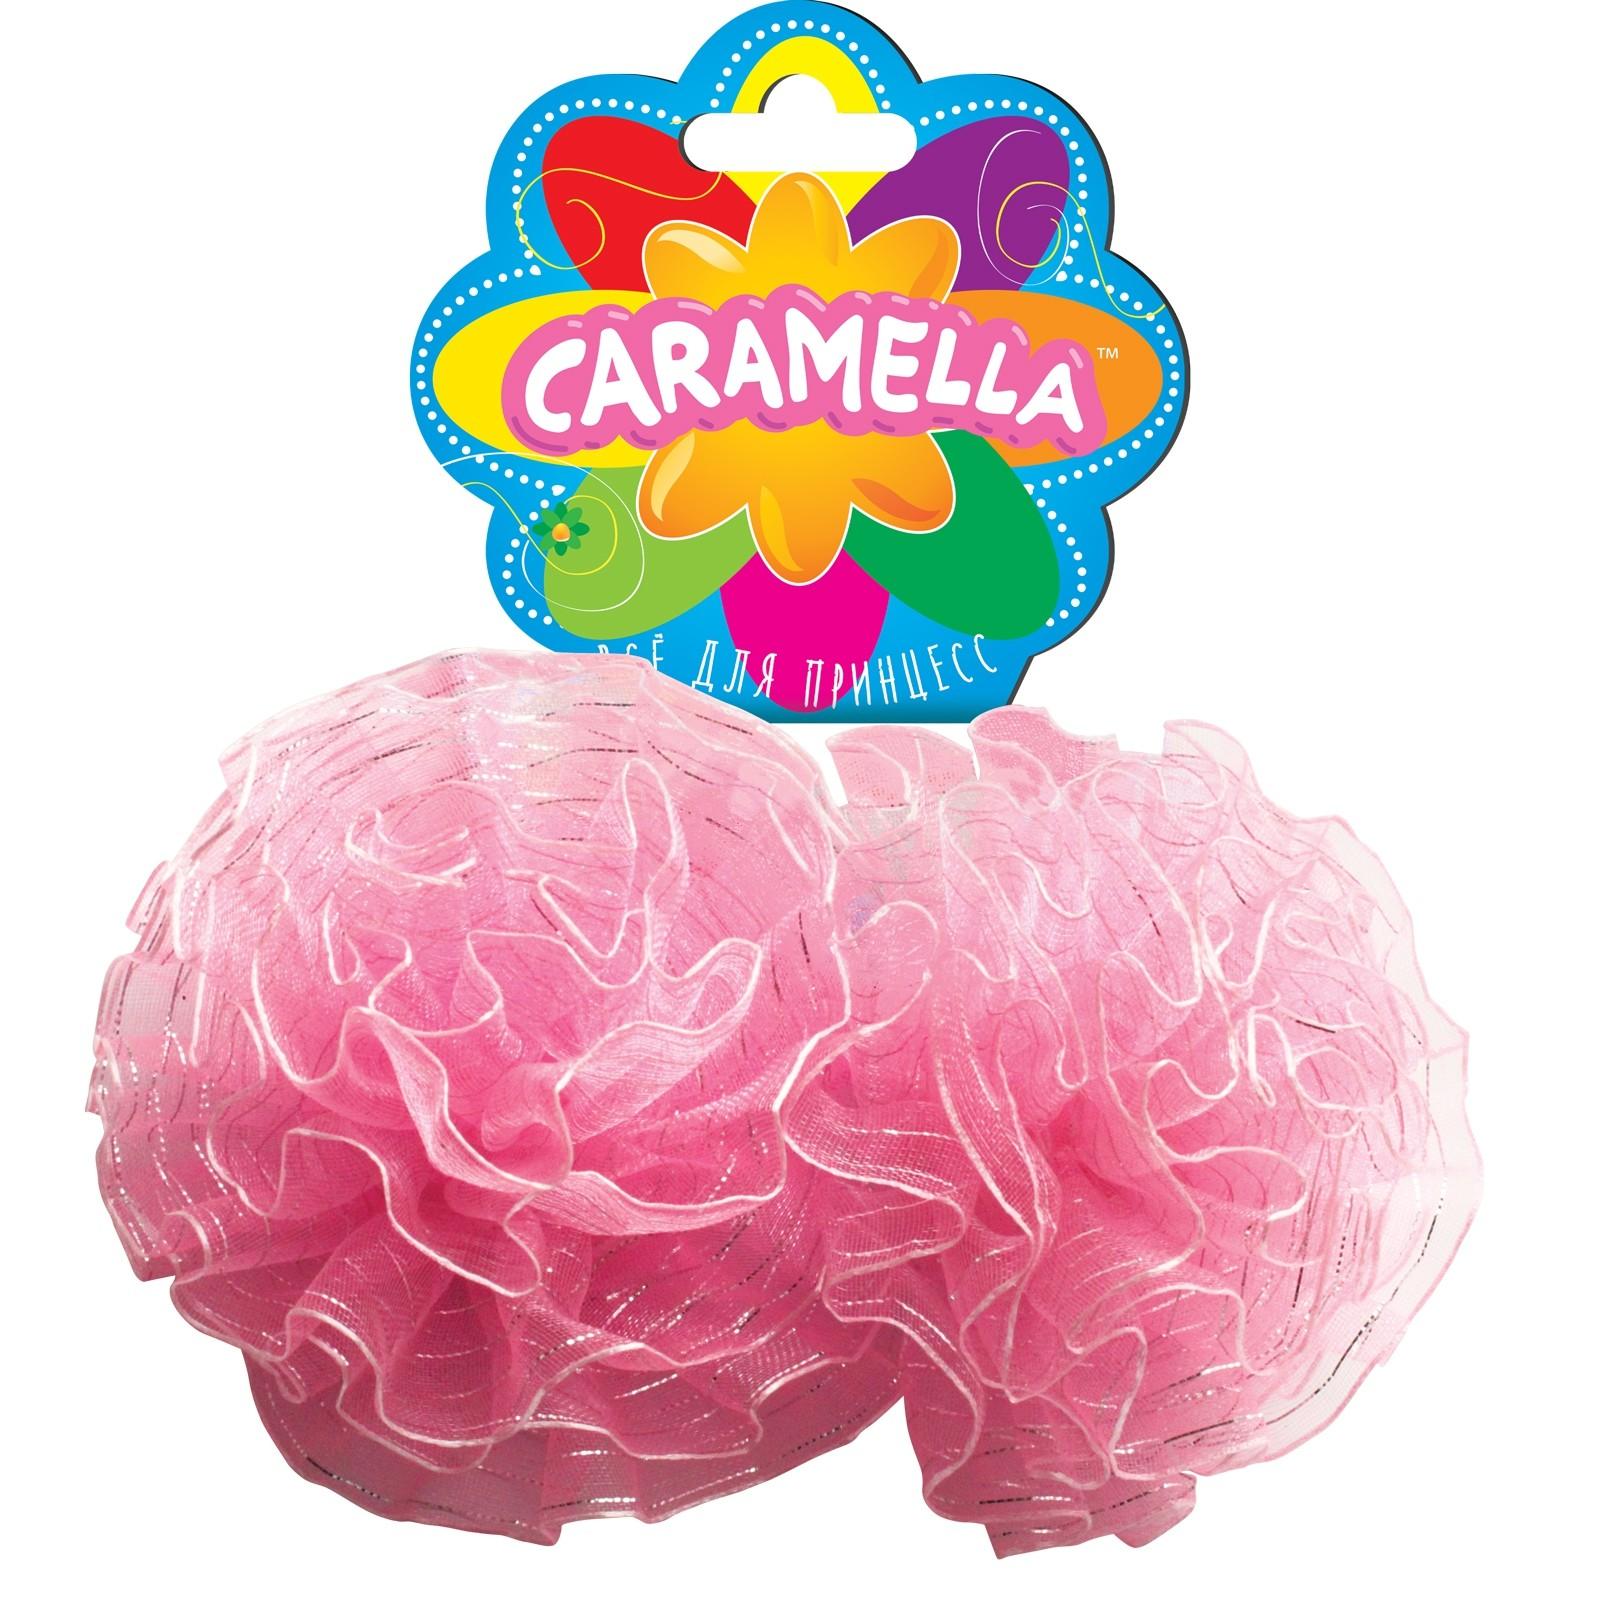 Украшения CARAMELLA Набор бантиков для волос Caramella набор резинок для волос migura цвет розовый 2 шт nobj0048